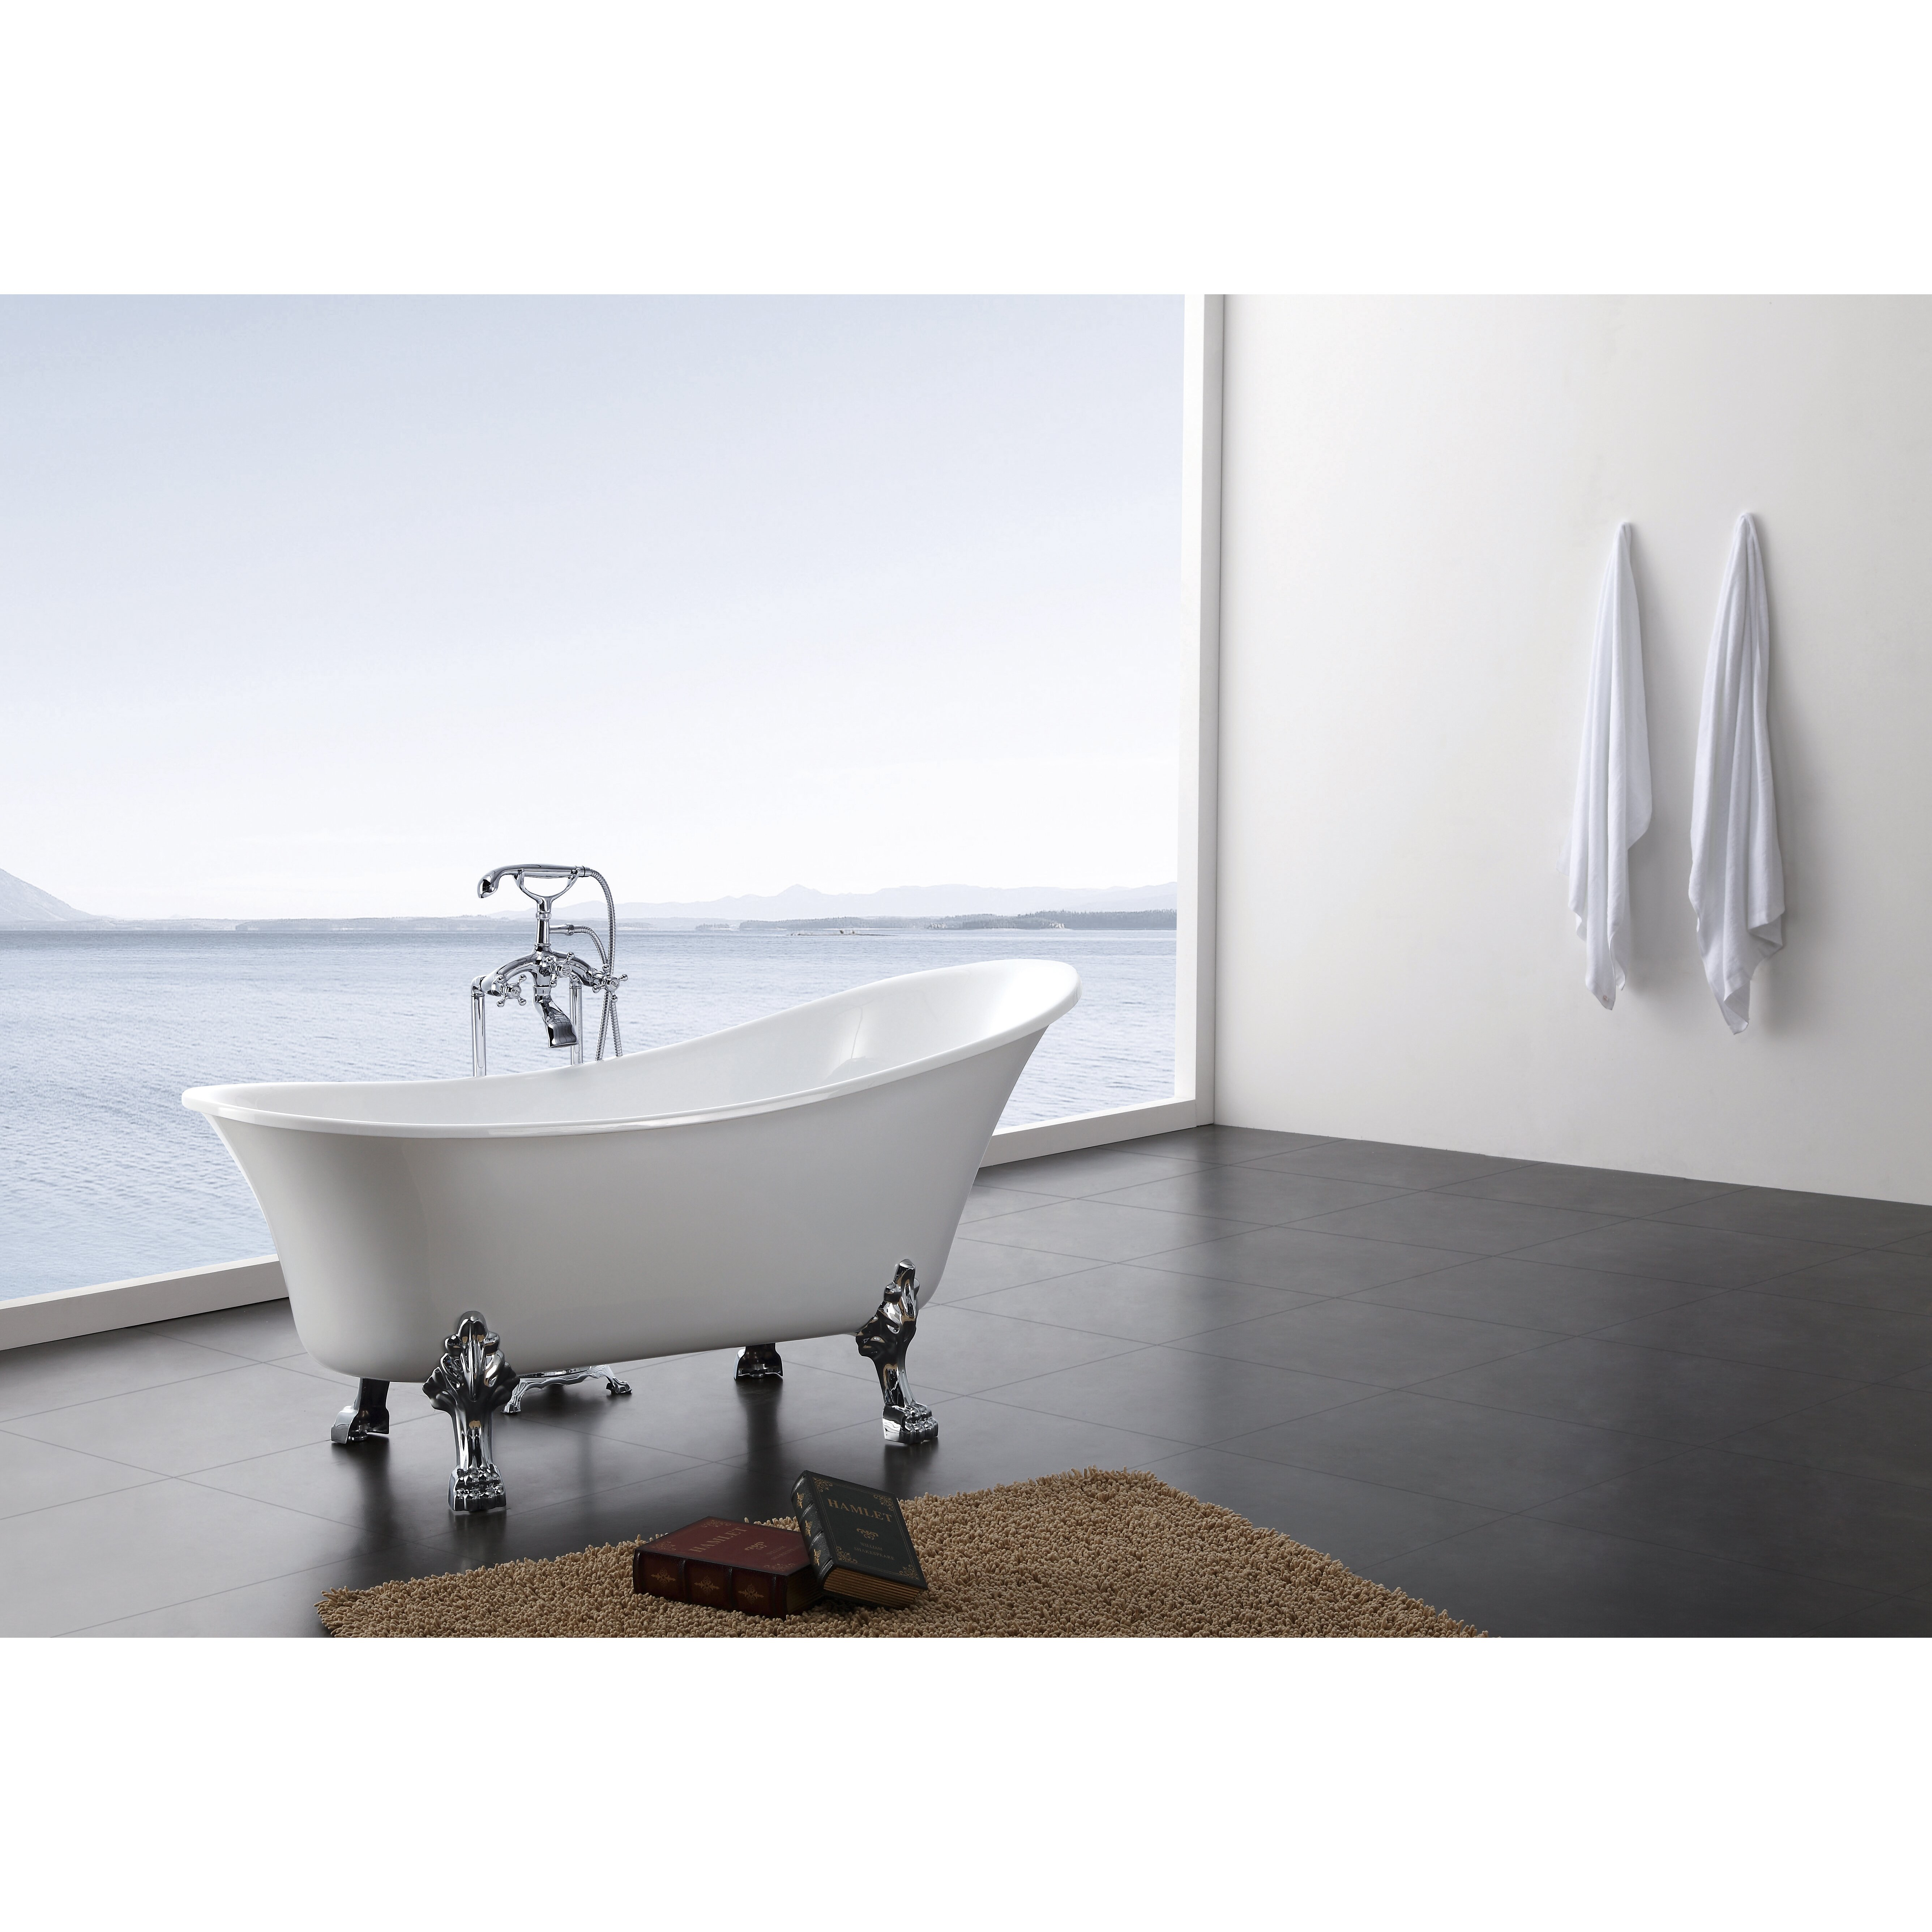 A Amp E Bath And Shower Dorya 69 Quot X 28 Quot Clawfoot Bathtub